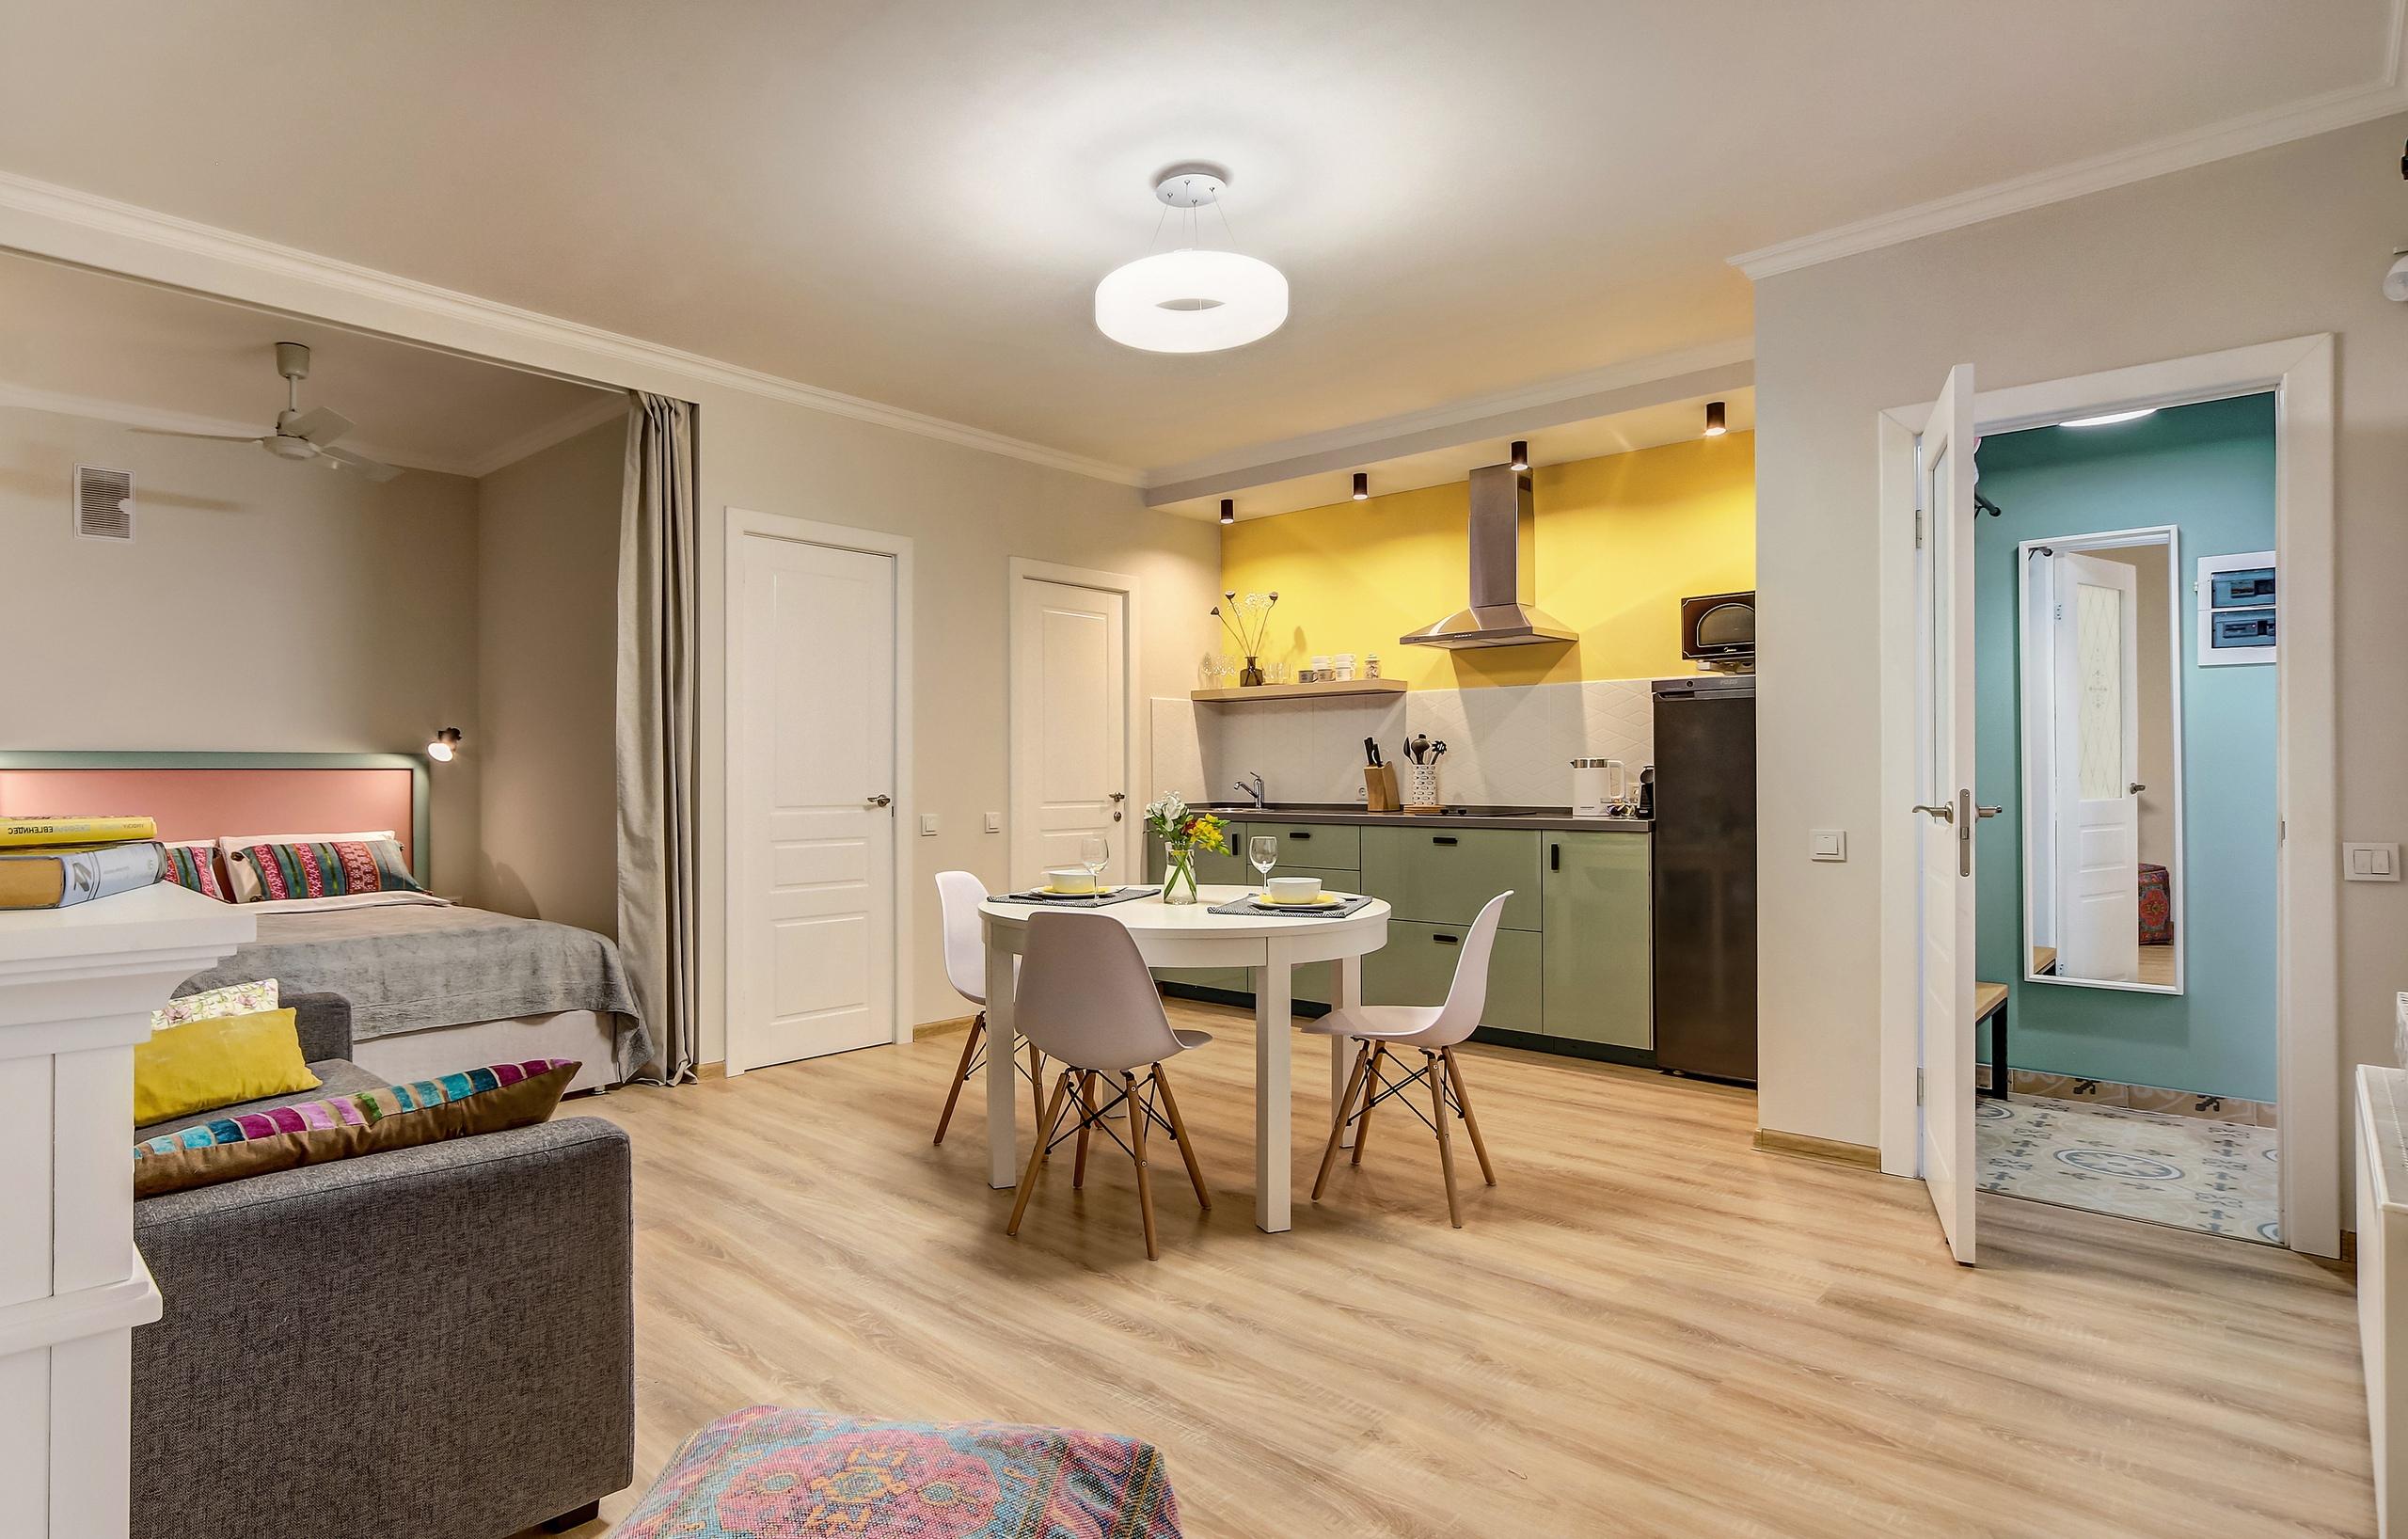 Мой недавний проект, апартаменты 35 м2 для гостей Петербурга.